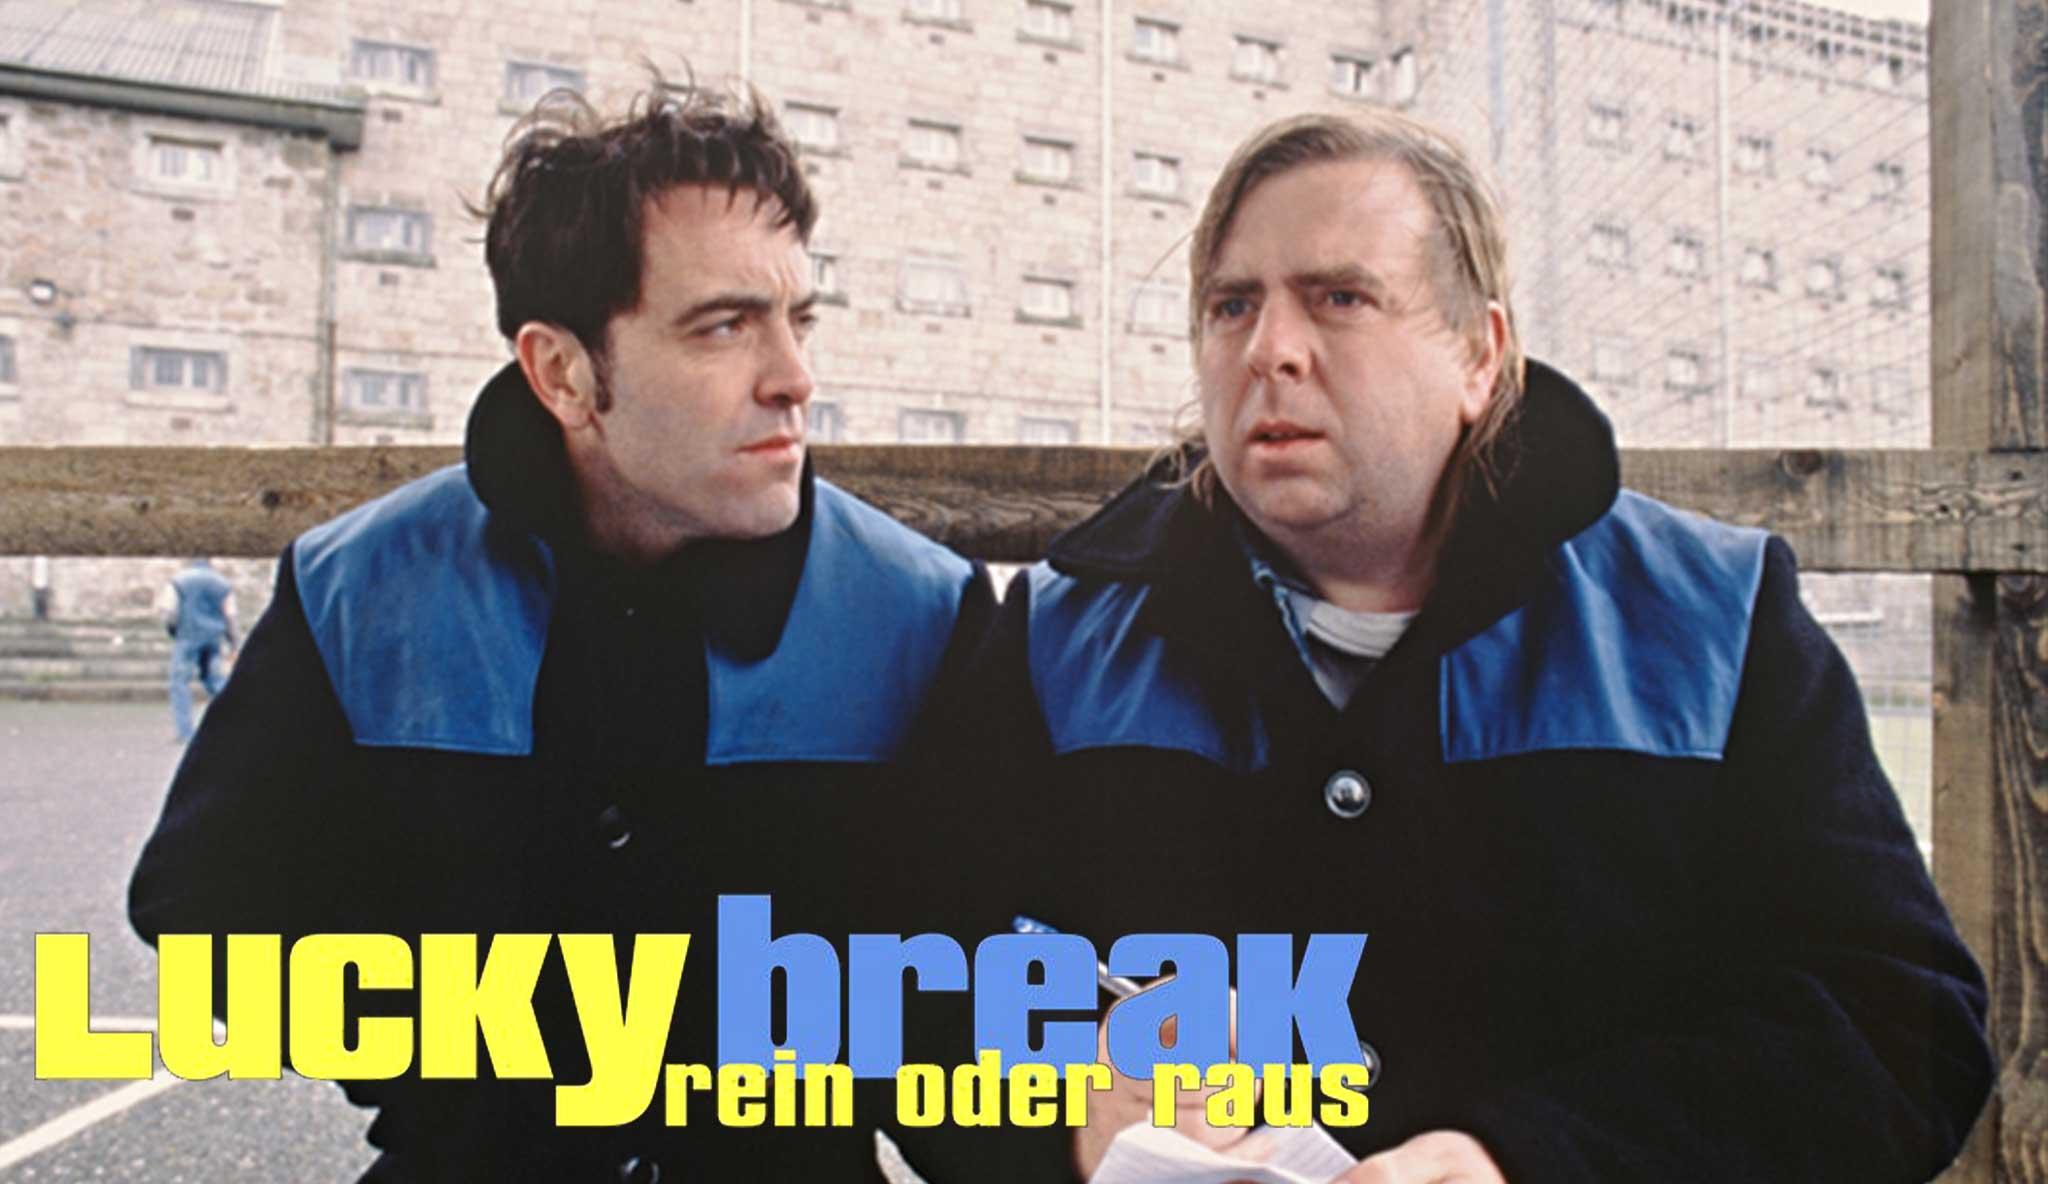 lucky-break-rein-oder-raus\header.jpg